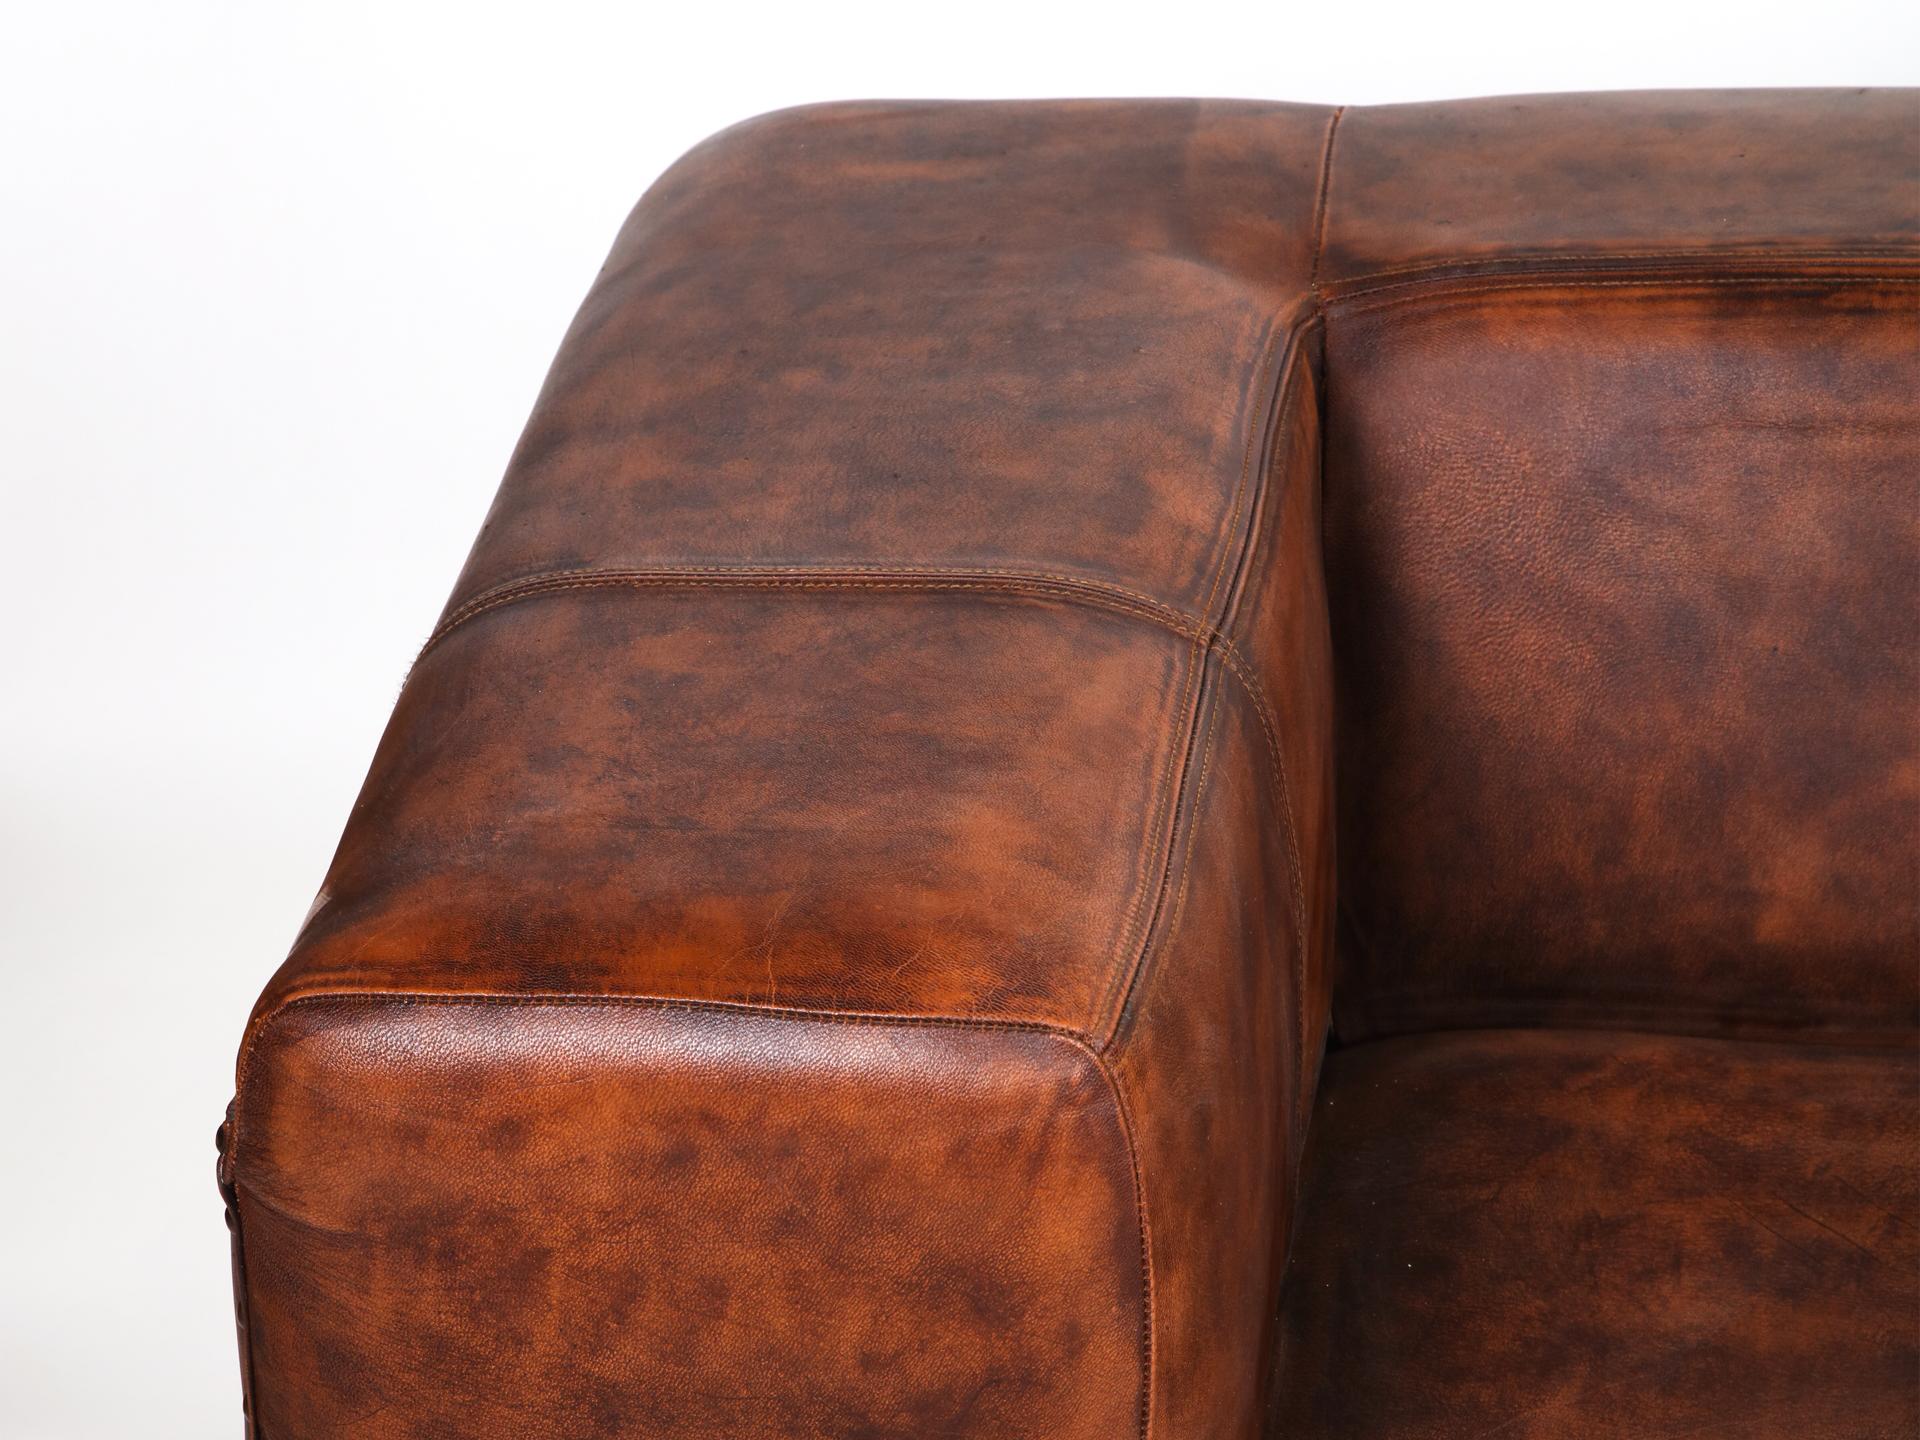 Canapea piele 2 locuri maro brat dreapta